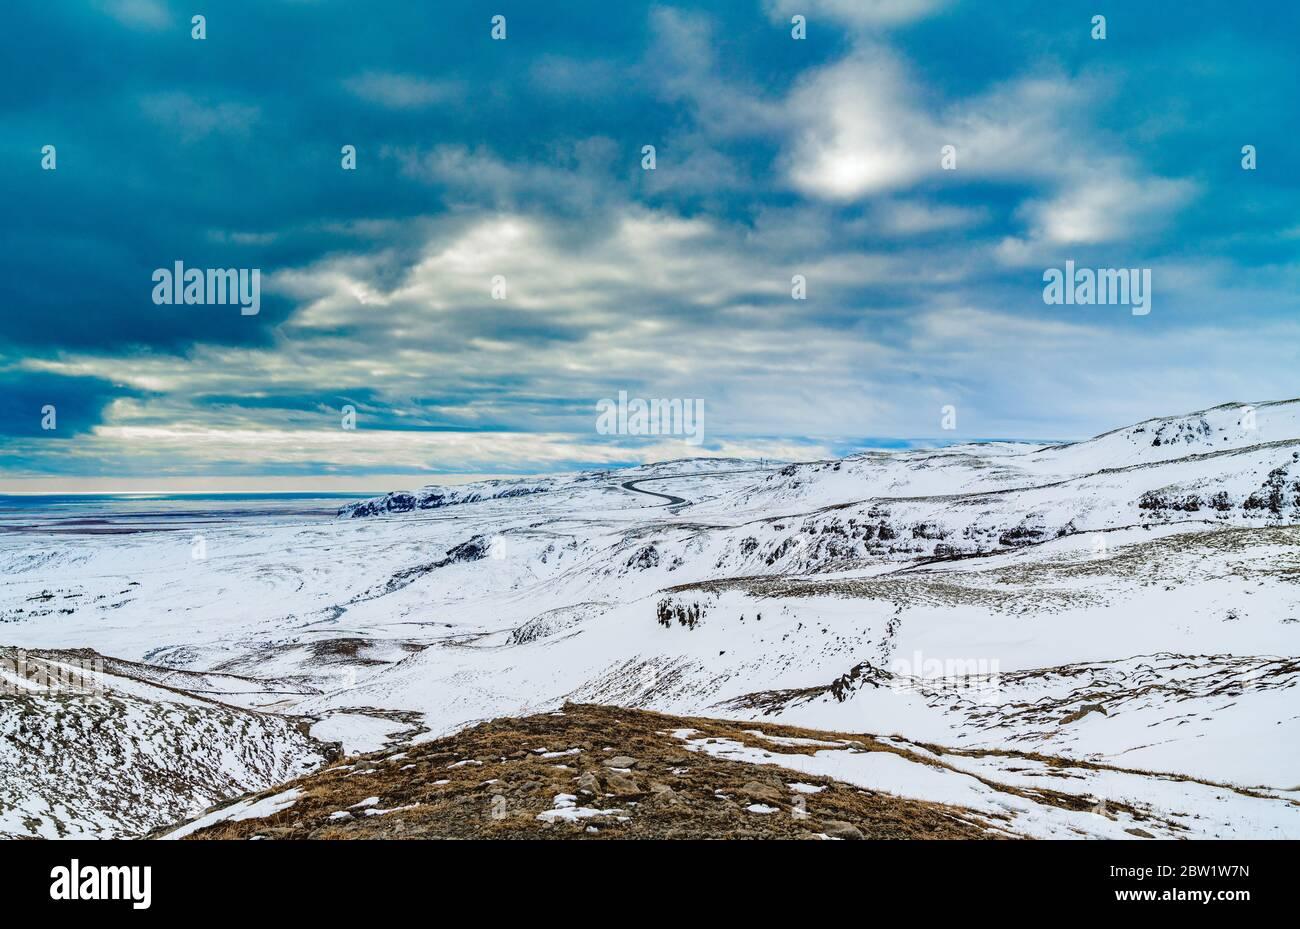 Nubes dramáticas sobre el paisaje de montaña cubierto de nieve con camino adentro el fondo Foto de stock